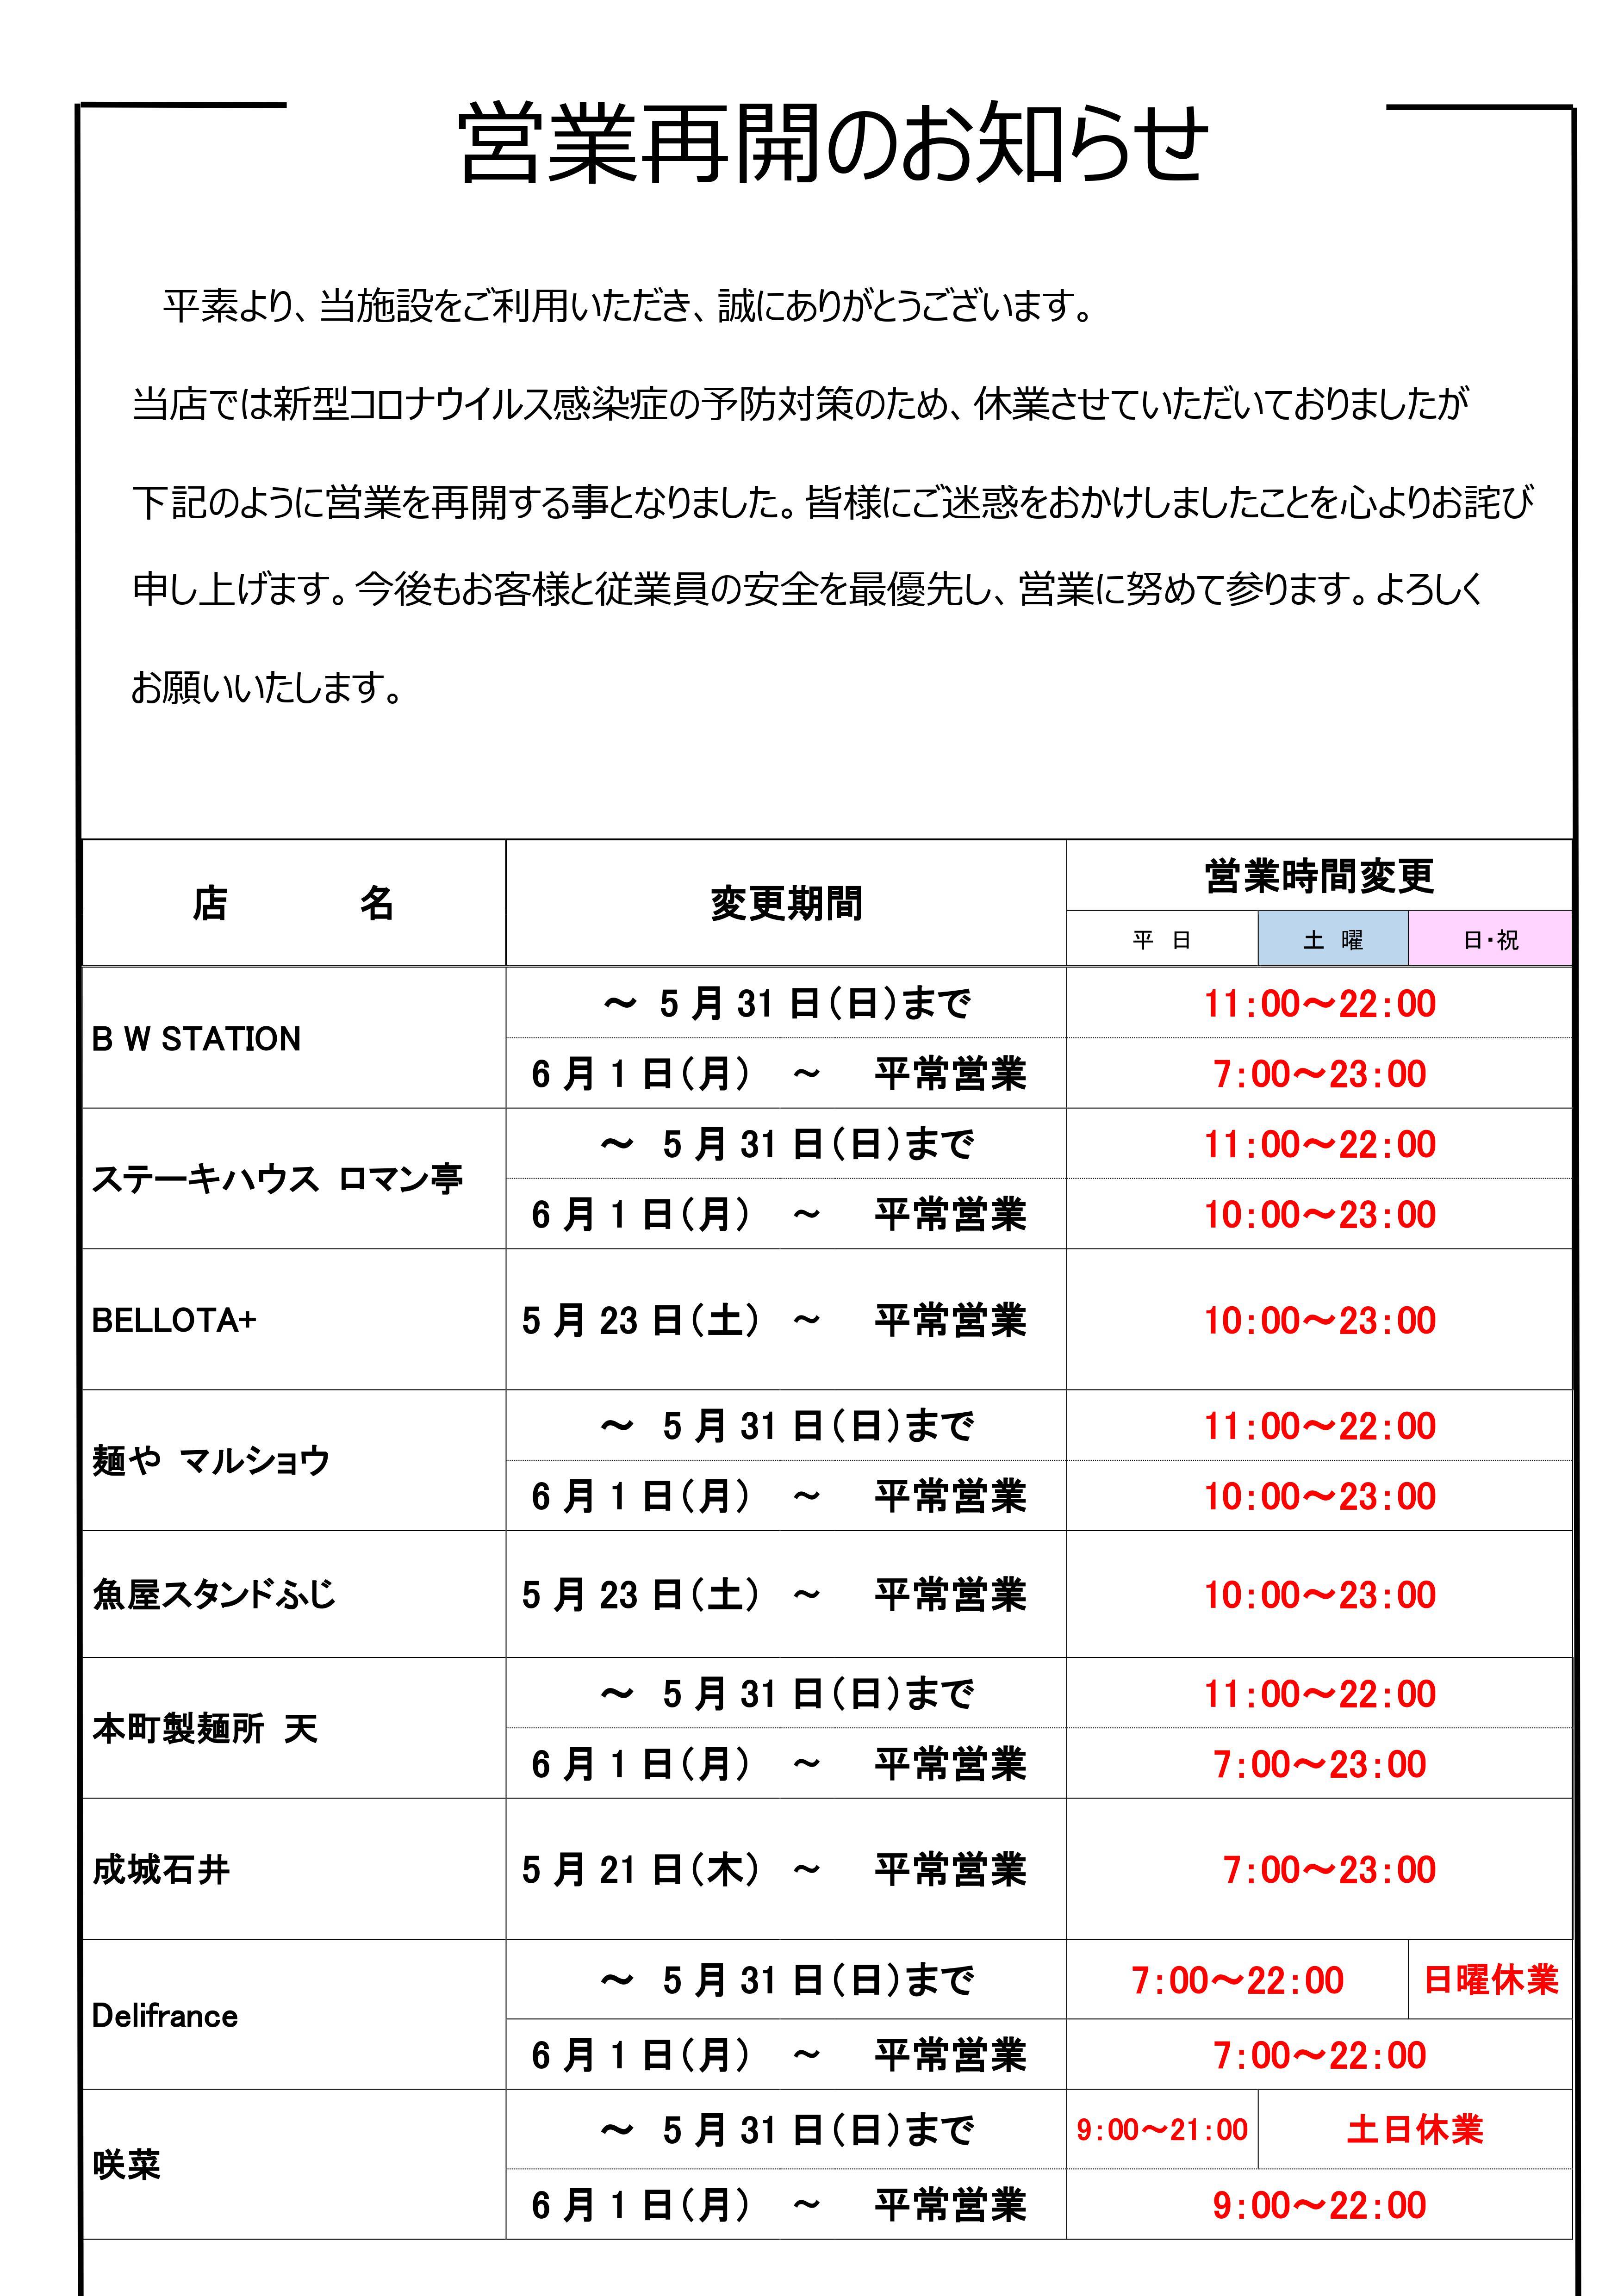 ポスター_営業再開のお知らせ_新大阪_5_1